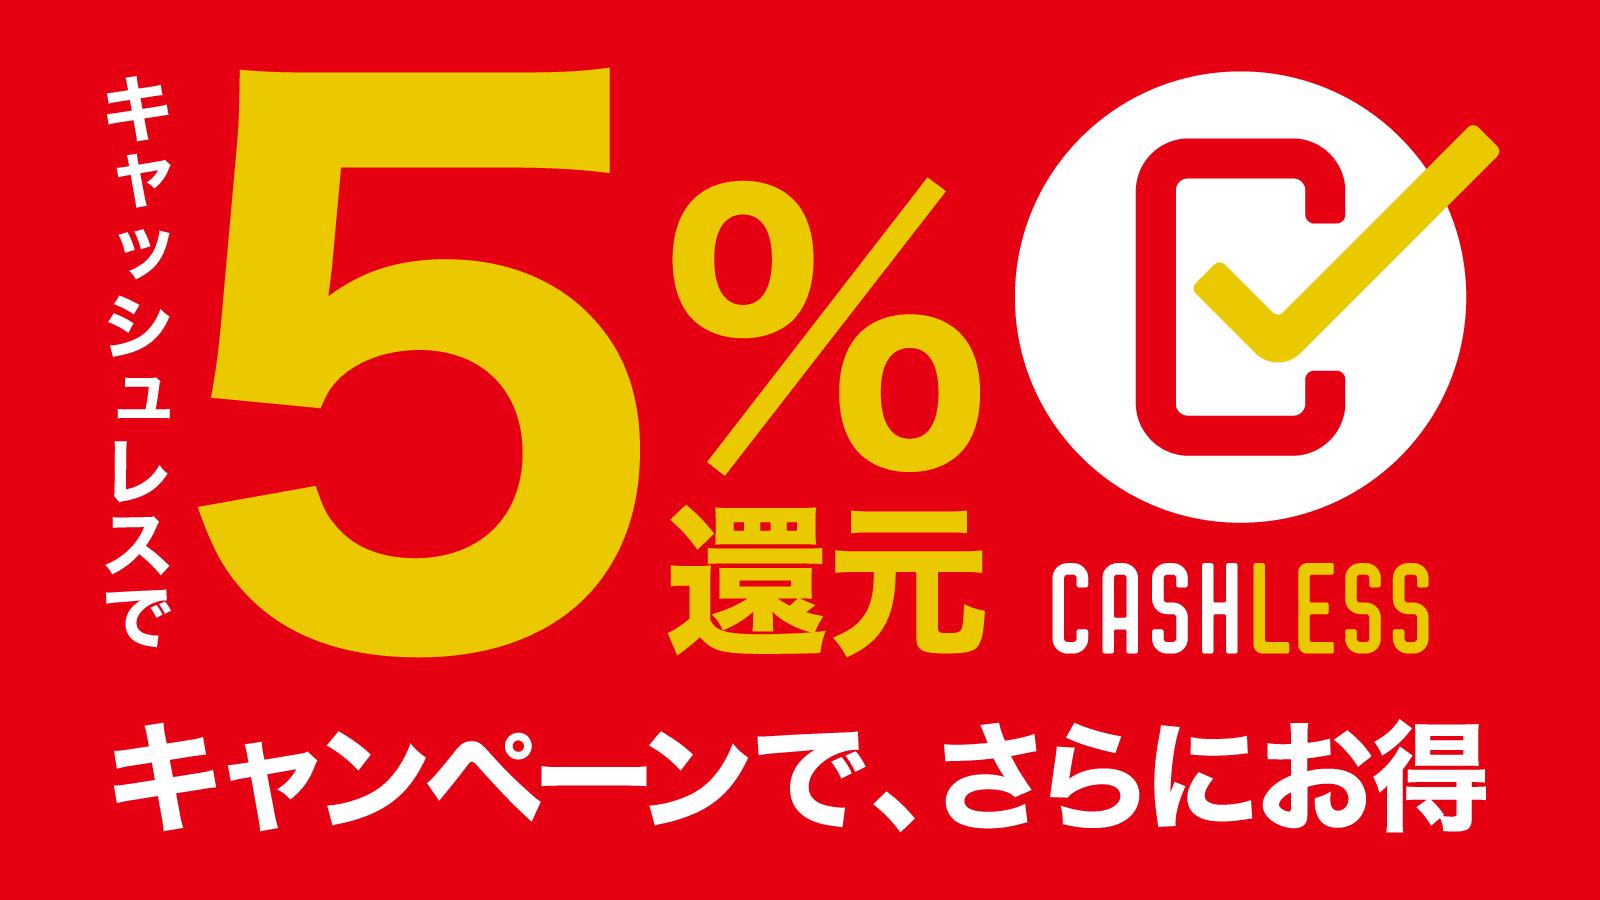 キャッシュレスで5%還元!キャンペーンでさらにお得!